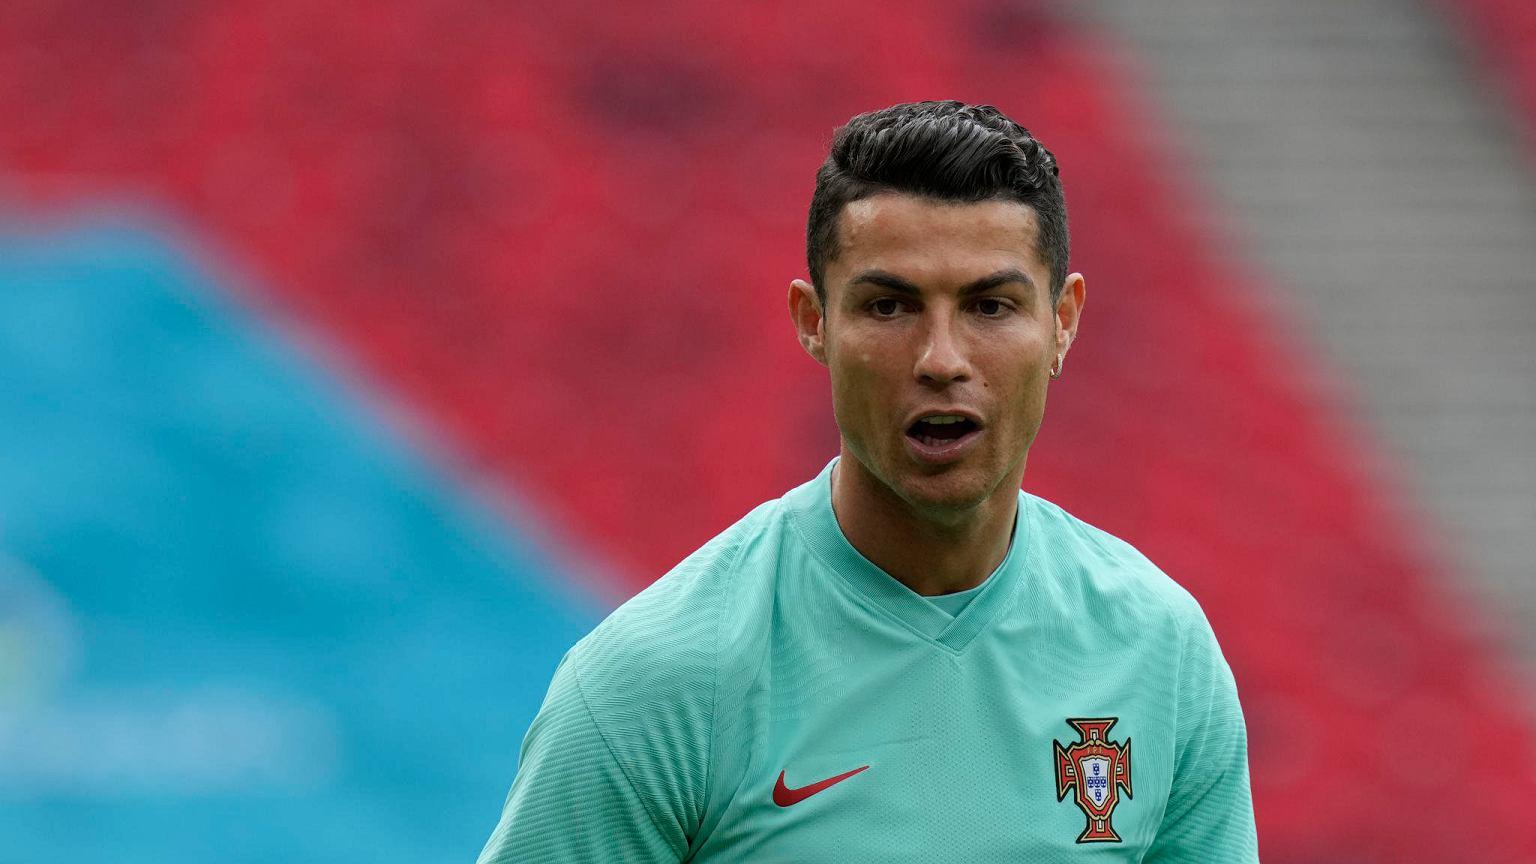 Coca-Cola reaguje na gest Cristiano Ronaldo. Wydali o